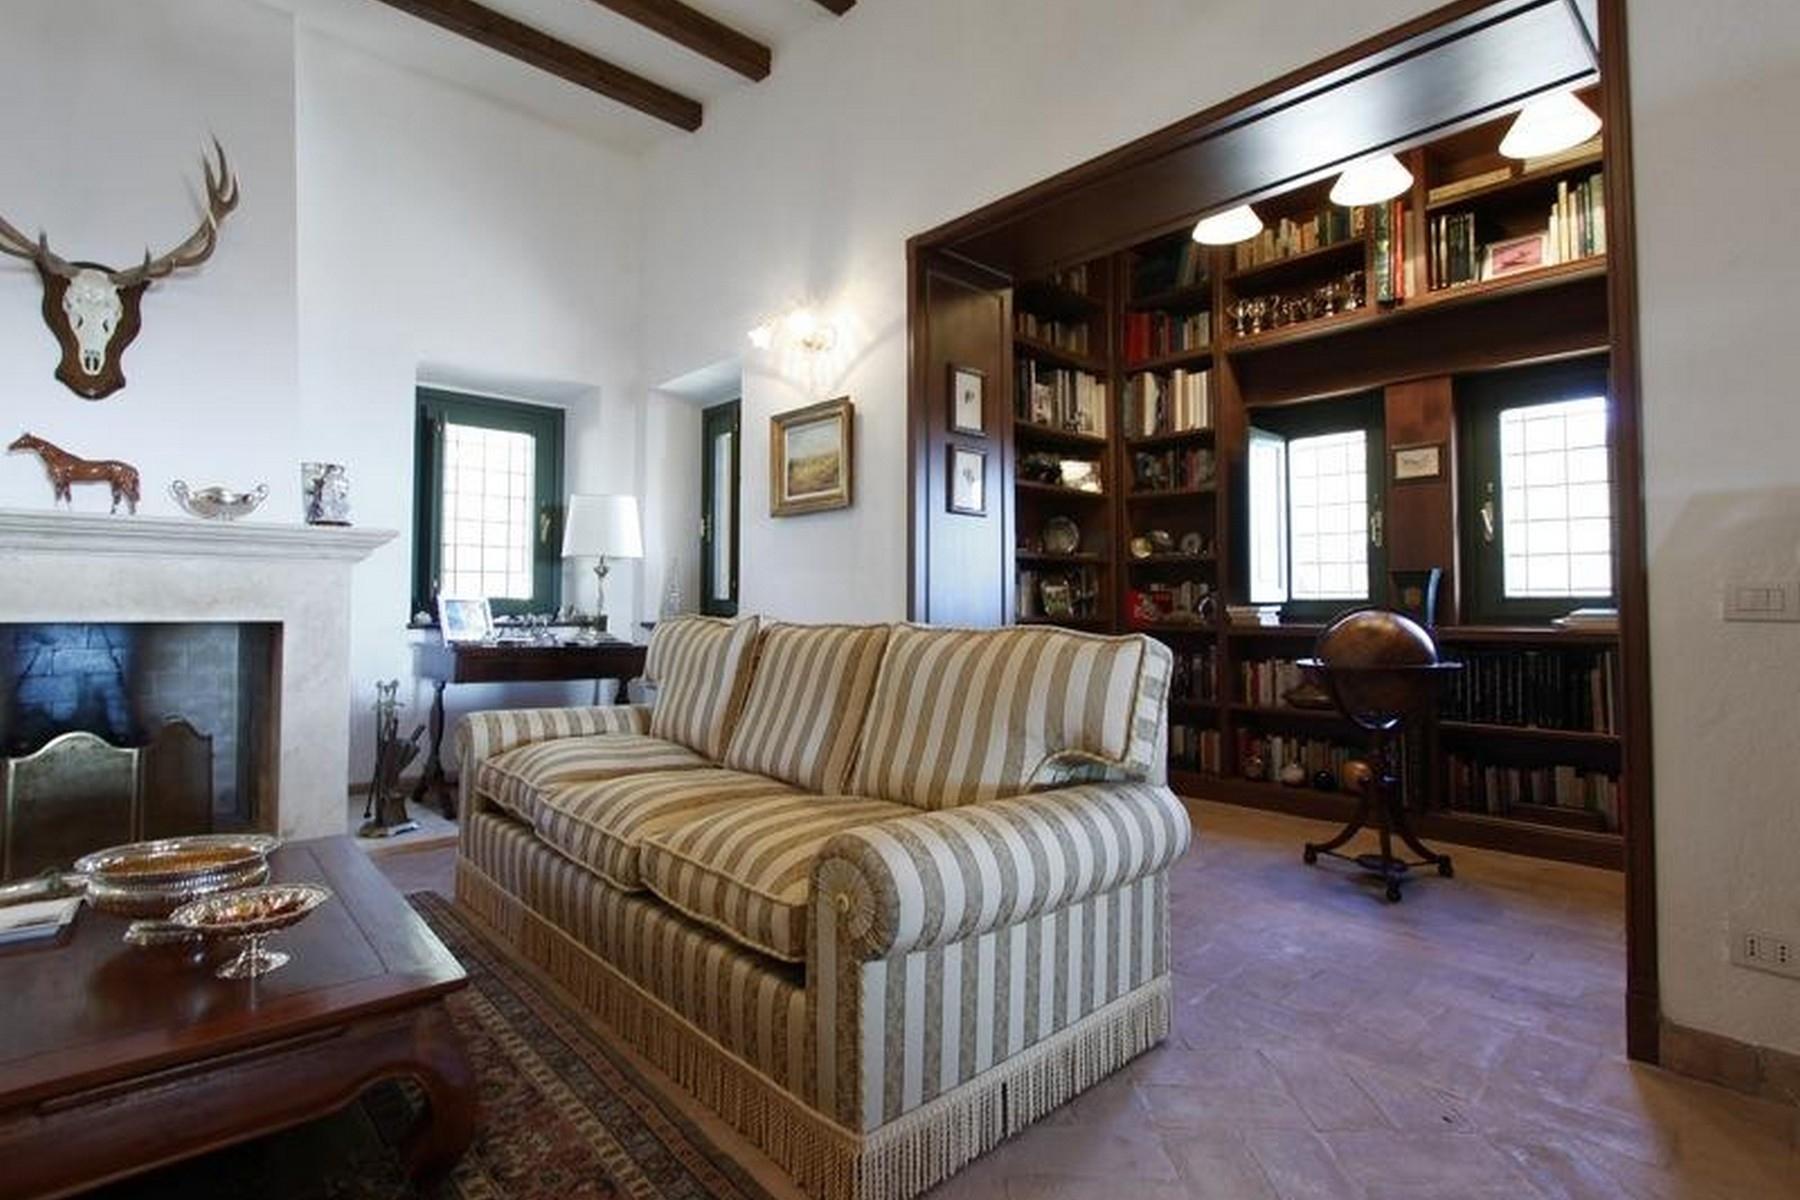 Villa in Vendita a Otricoli: 5 locali, 770 mq - Foto 12